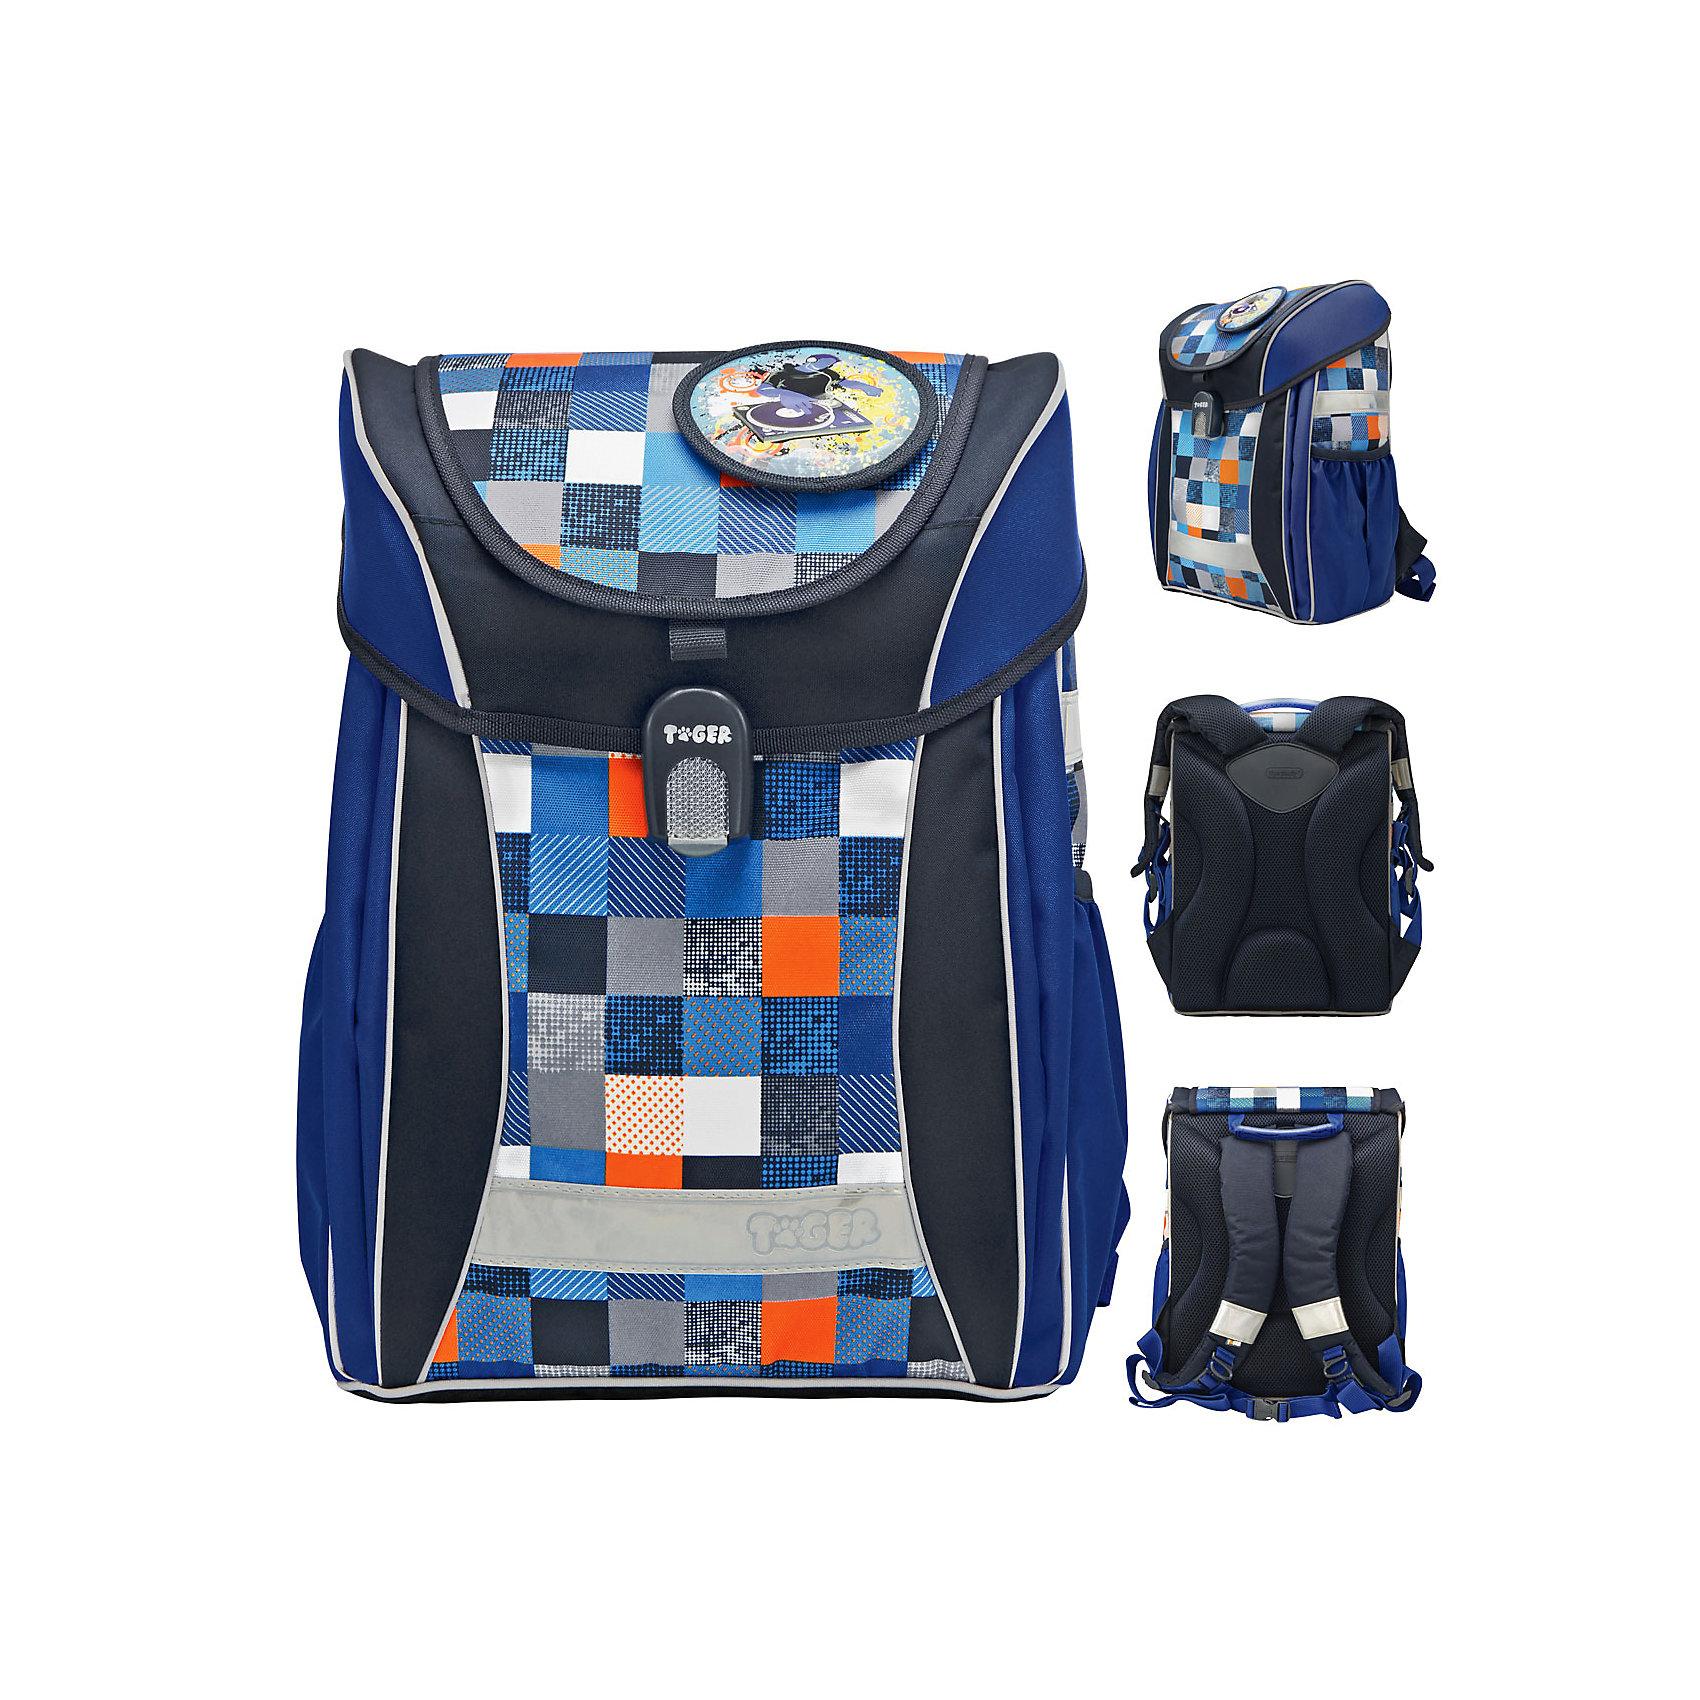 Ранец школьный JOY COLLECTIONРанцы<br>Ранец школьный JOY COLLECTION DJ IN BLUE, размер 38 х 31 х 21 см, объем 17 литров, анатомическая cпинка, синий, для мальчиков<br>Ранец выполнен из влагоустойчивой ткани. Используется удобный и надежный магнитный замок FIDLOCK (Германия). Имеются светоотражающие элементы на всех 4 сторонах, удобные регулируемые лямки, два боковых кармана, съемный регулируемый нагрудный ремень. Внутри имеется большое отделение для книг с внутренним карманом, дополнительное отделение в передней части ранца. В комплект входит набор съемных пвх наклеек<br><br>Ширина мм: 310<br>Глубина мм: 210<br>Высота мм: 380<br>Вес г: 1096<br>Возраст от месяцев: 72<br>Возраст до месяцев: 144<br>Пол: Мужской<br>Возраст: Детский<br>SKU: 6888752